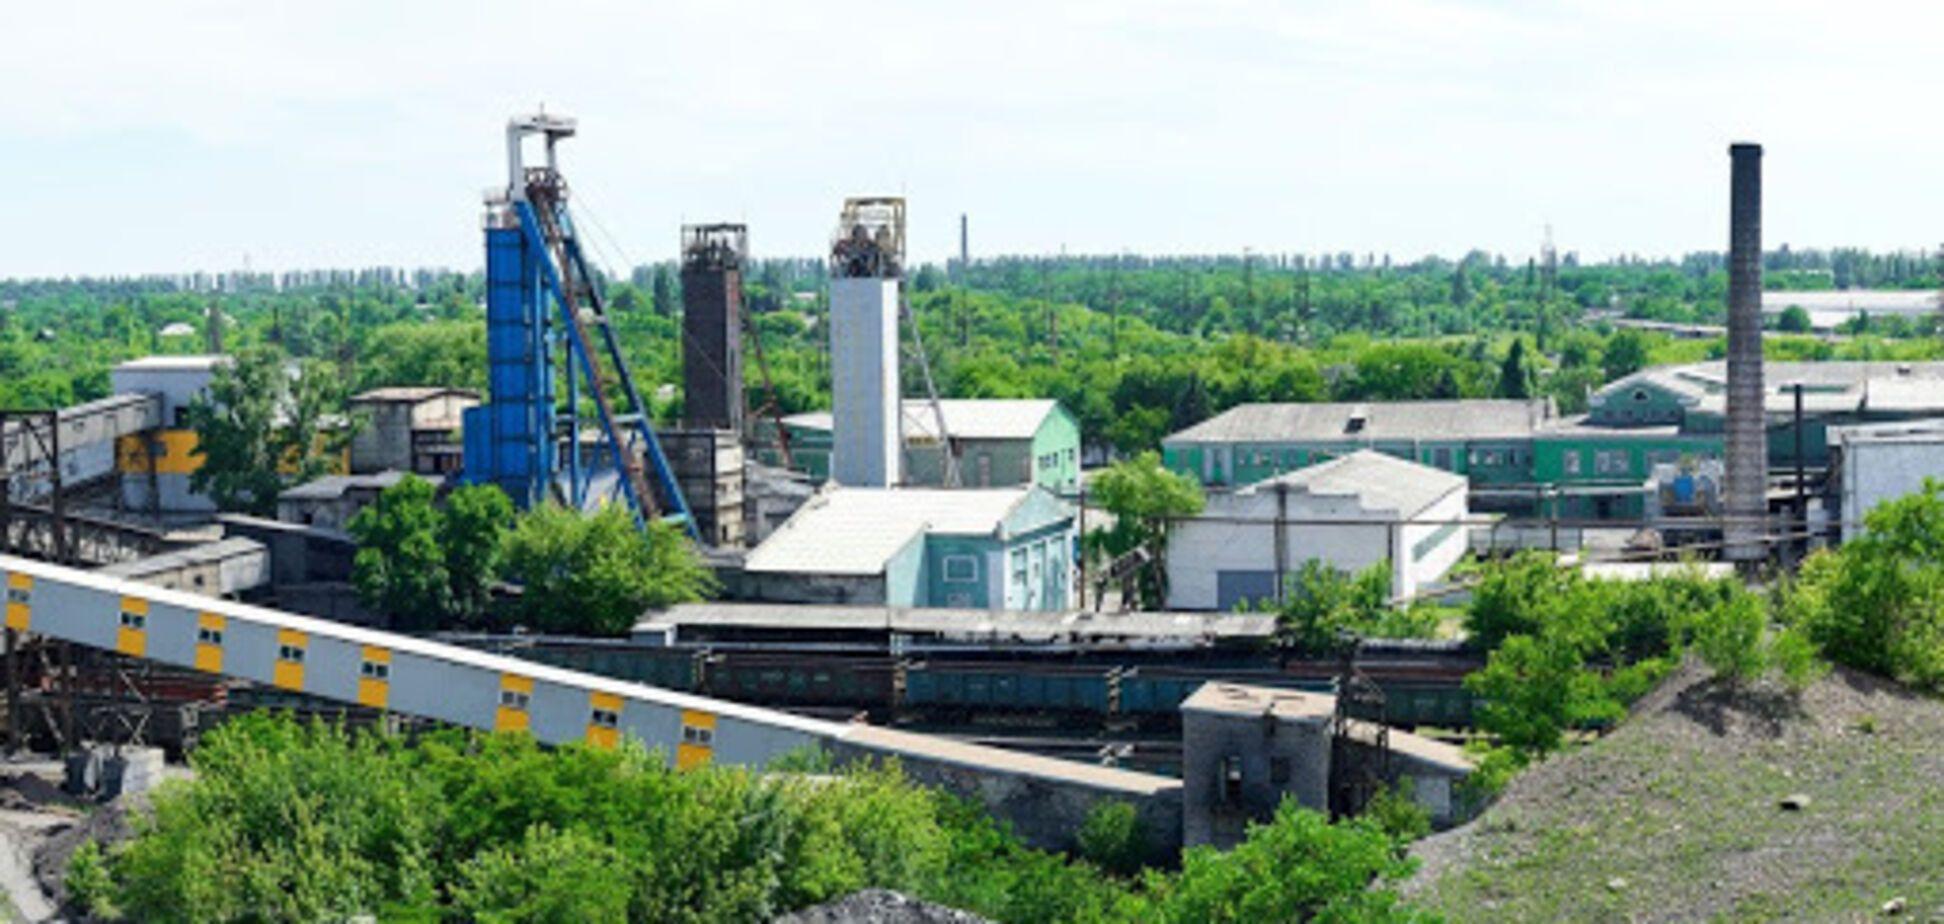 Державні шахти 'Добропіллявугілля' будуть передані до складу 'Центренерго'. Фото: Сайт міста Добропілля